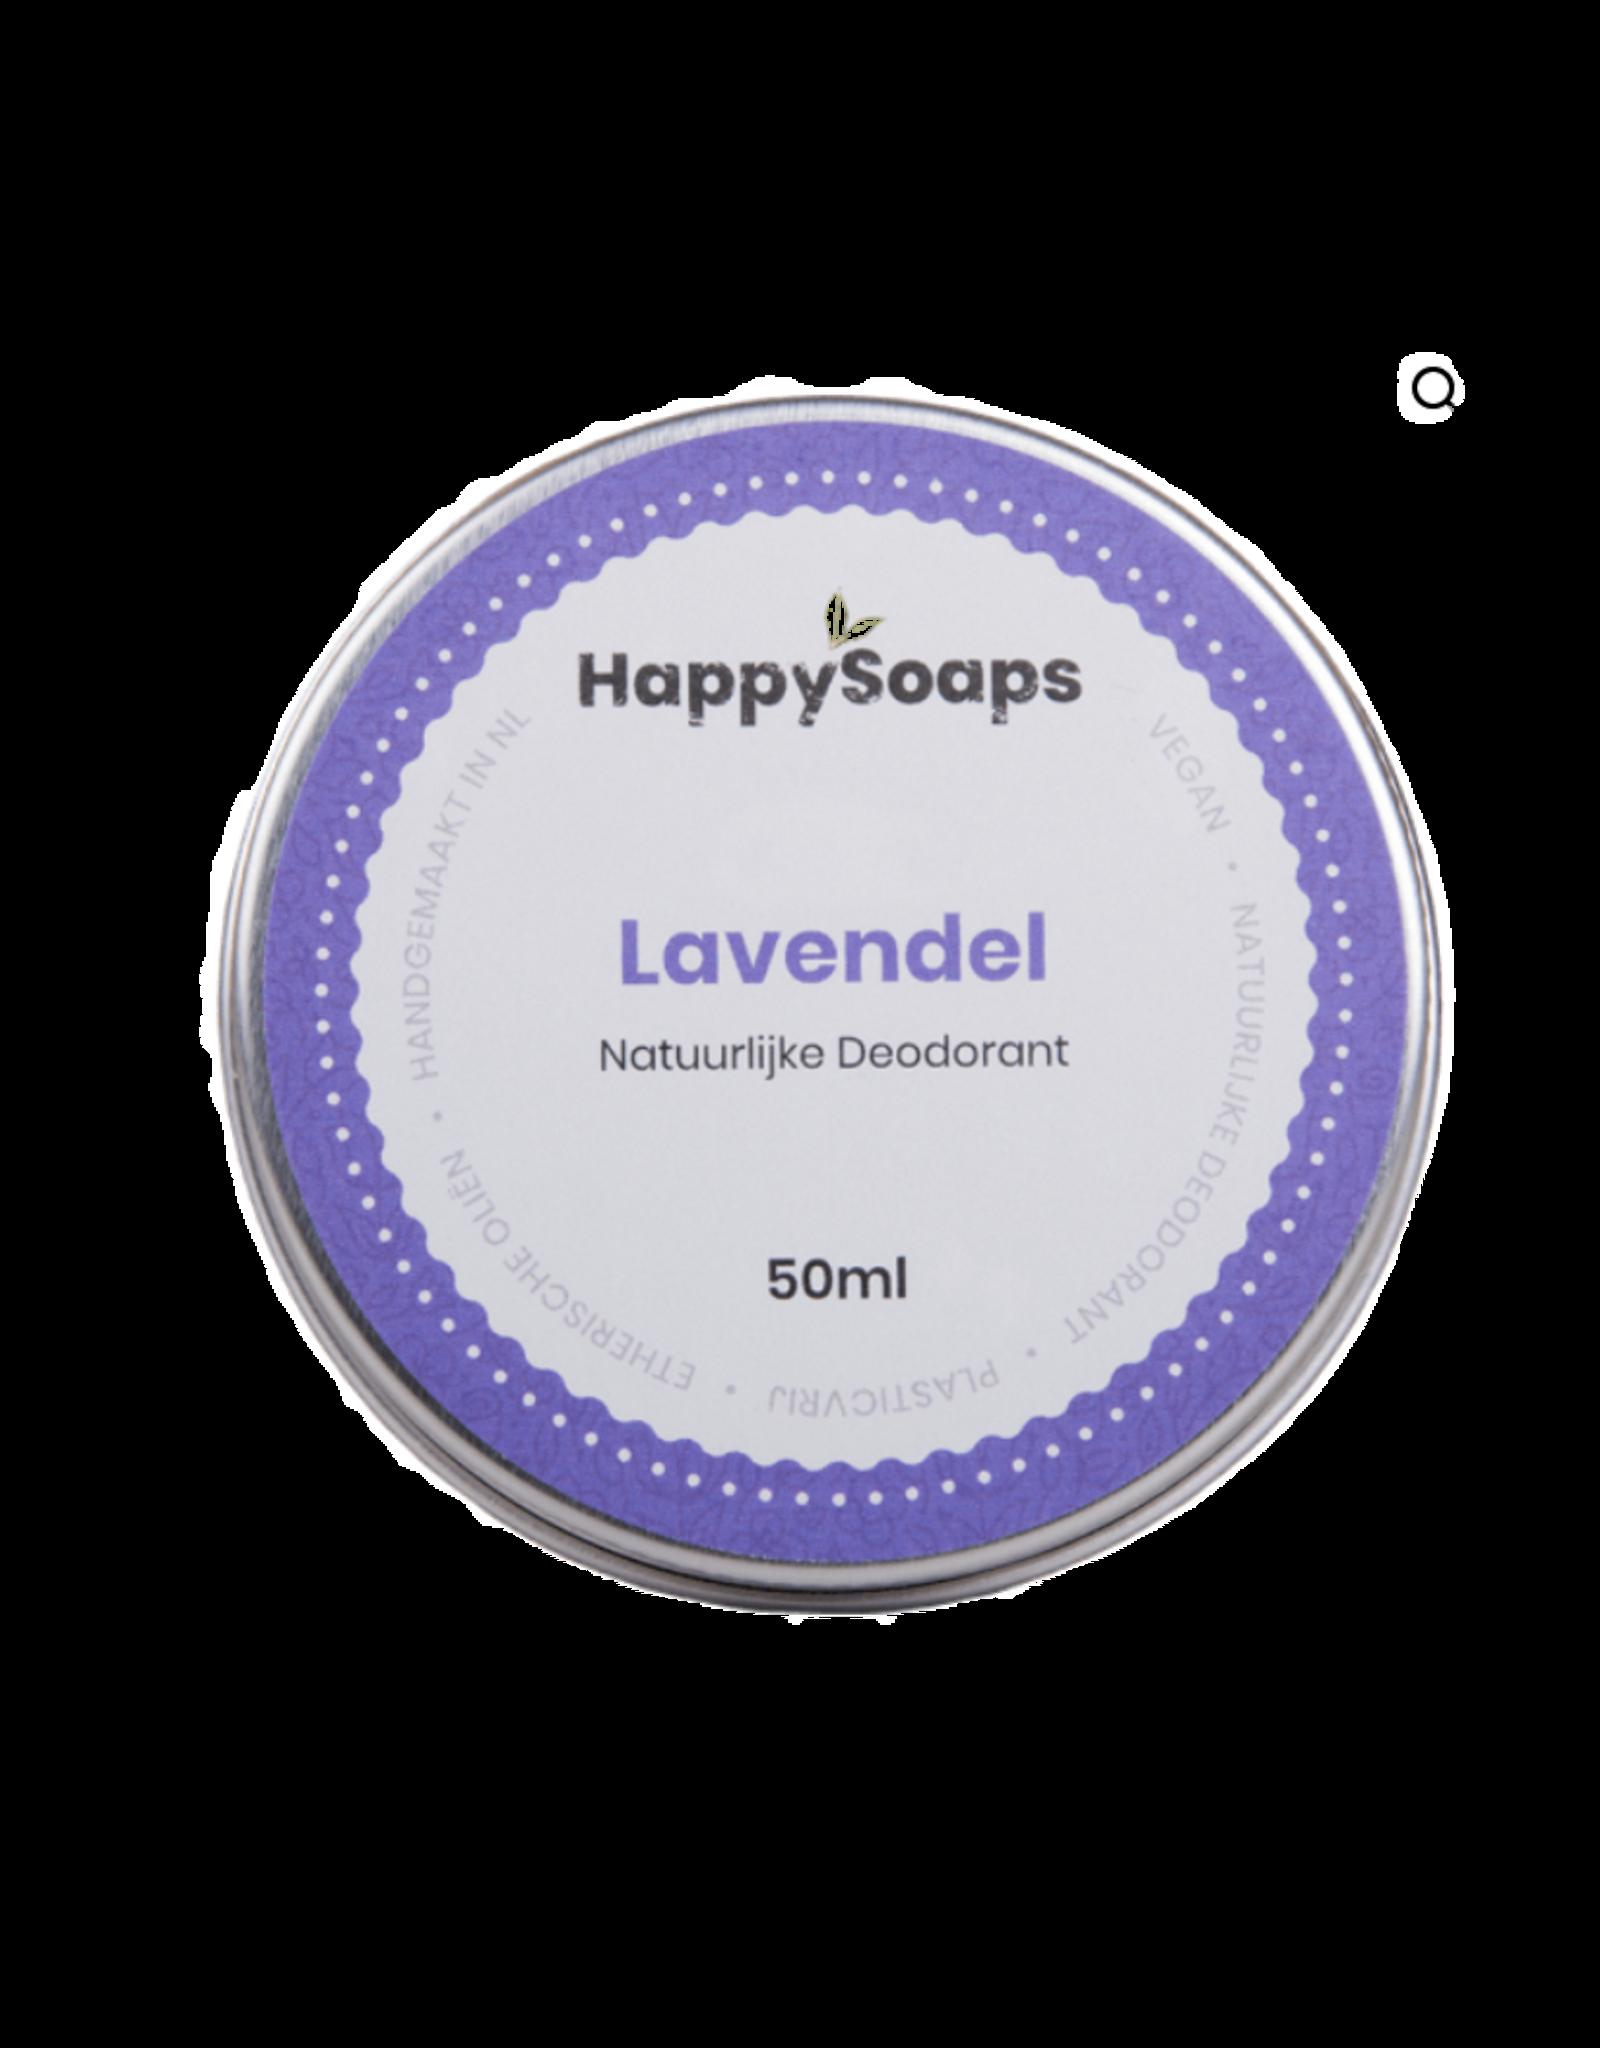 Natuurlijke Deodorant Lavendel - Body & Soap